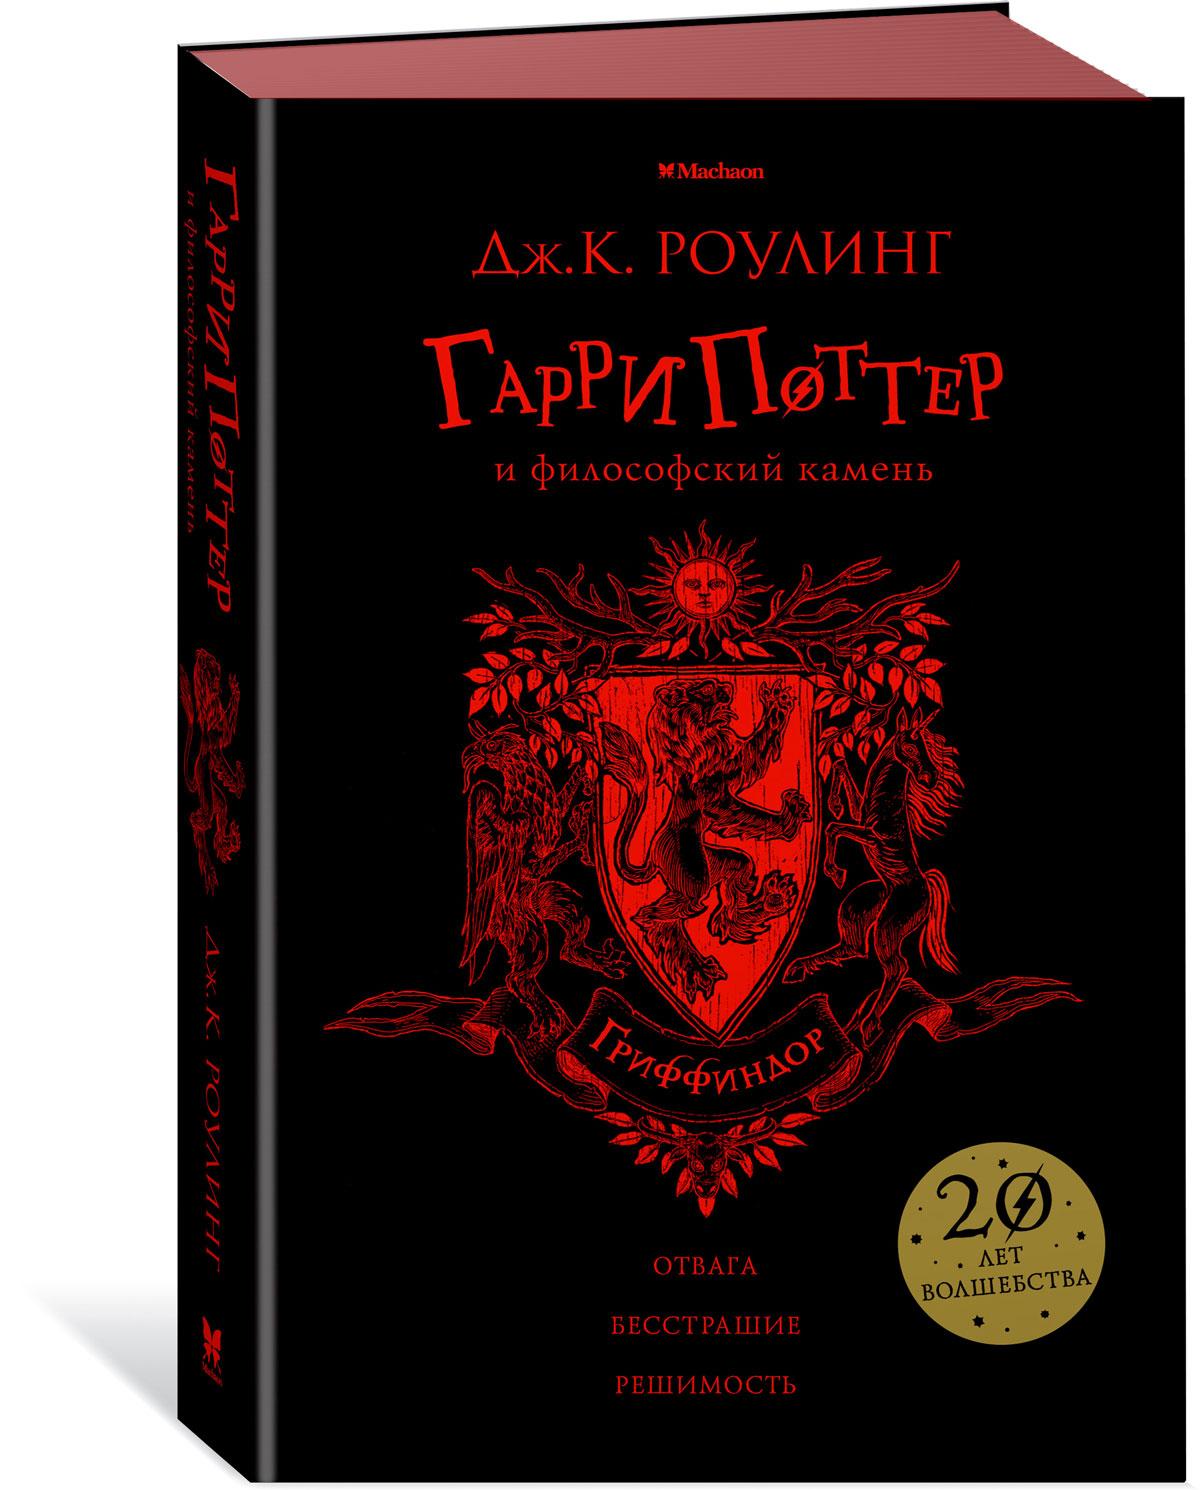 Скачать все книги гарри поттера в fb2